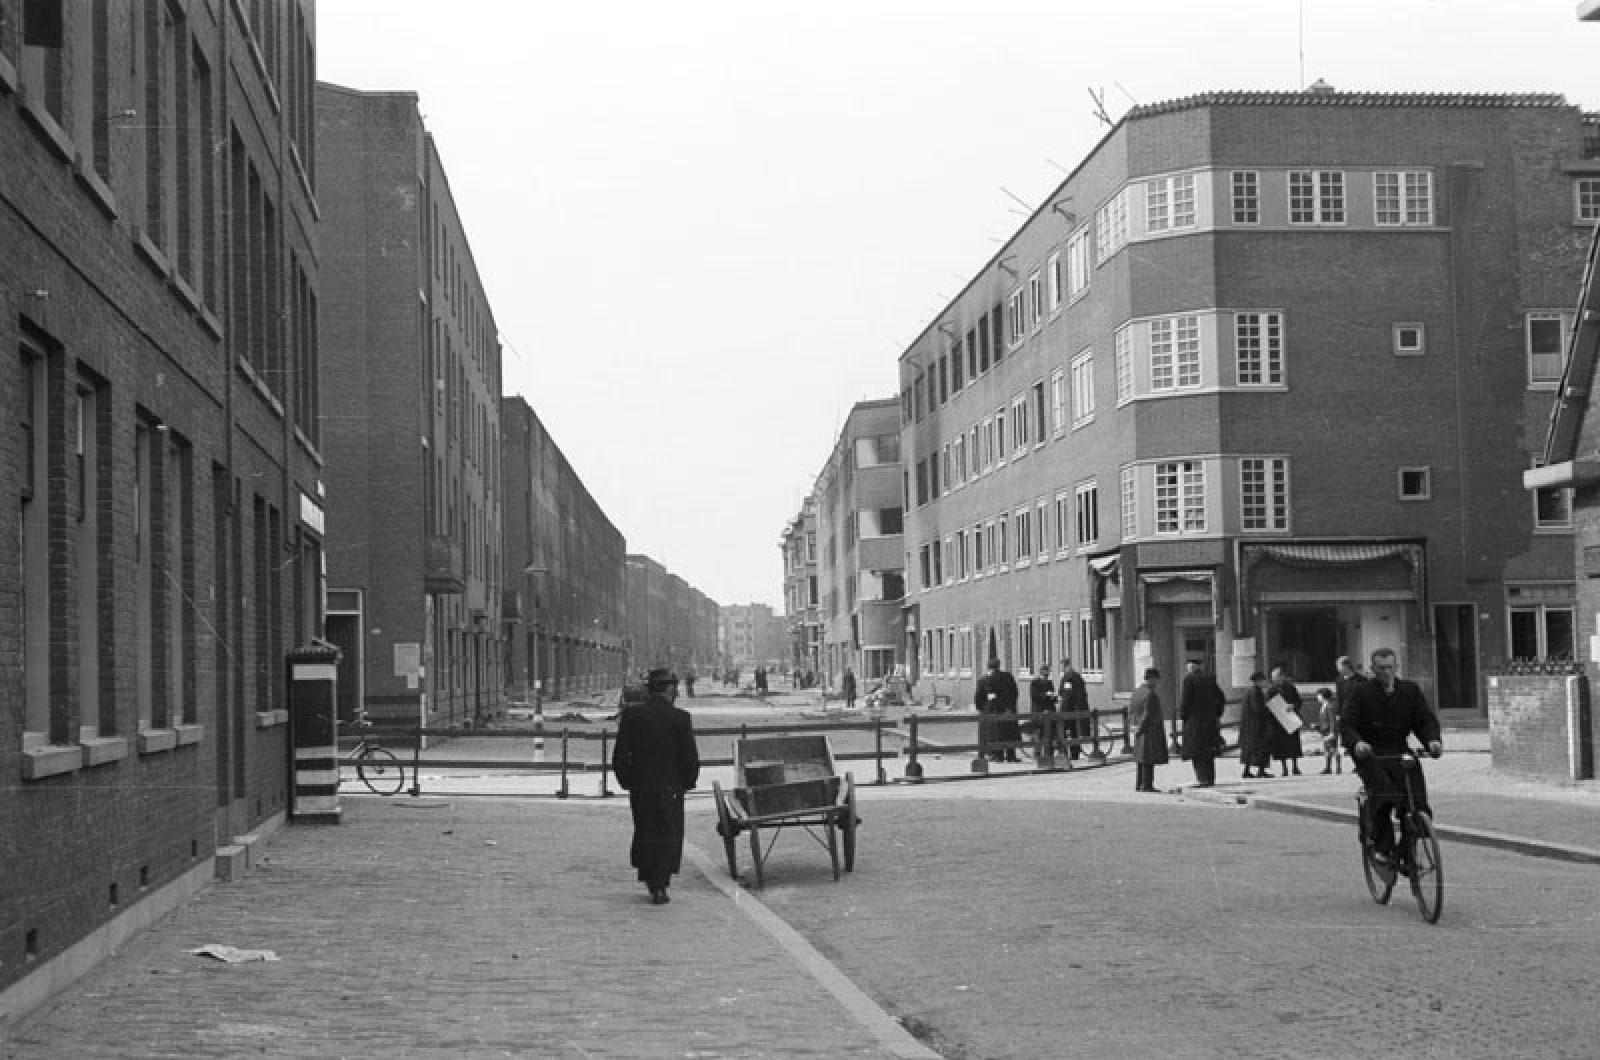 1943 04 Rosener Manzstraat Grimeyer NL Rt SA 4156 1980 5381 01